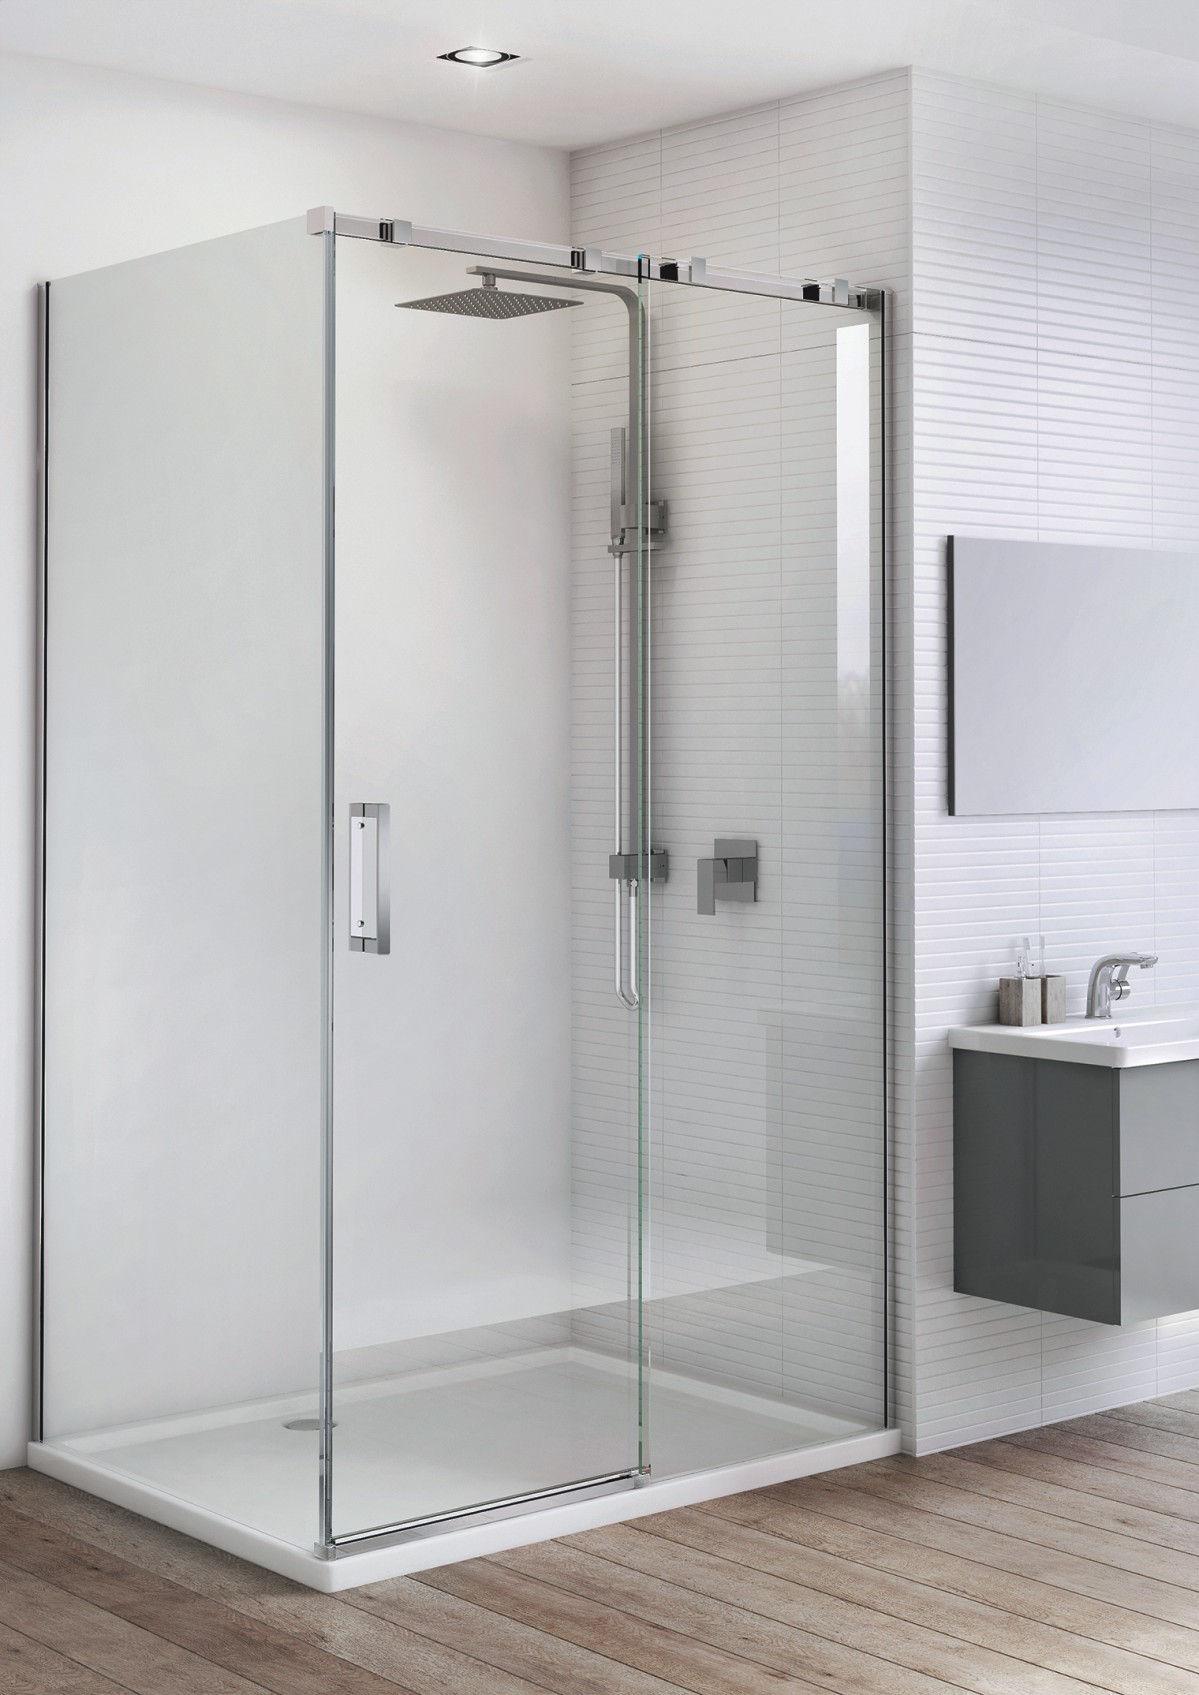 Szkło w łazience, obalamy mity